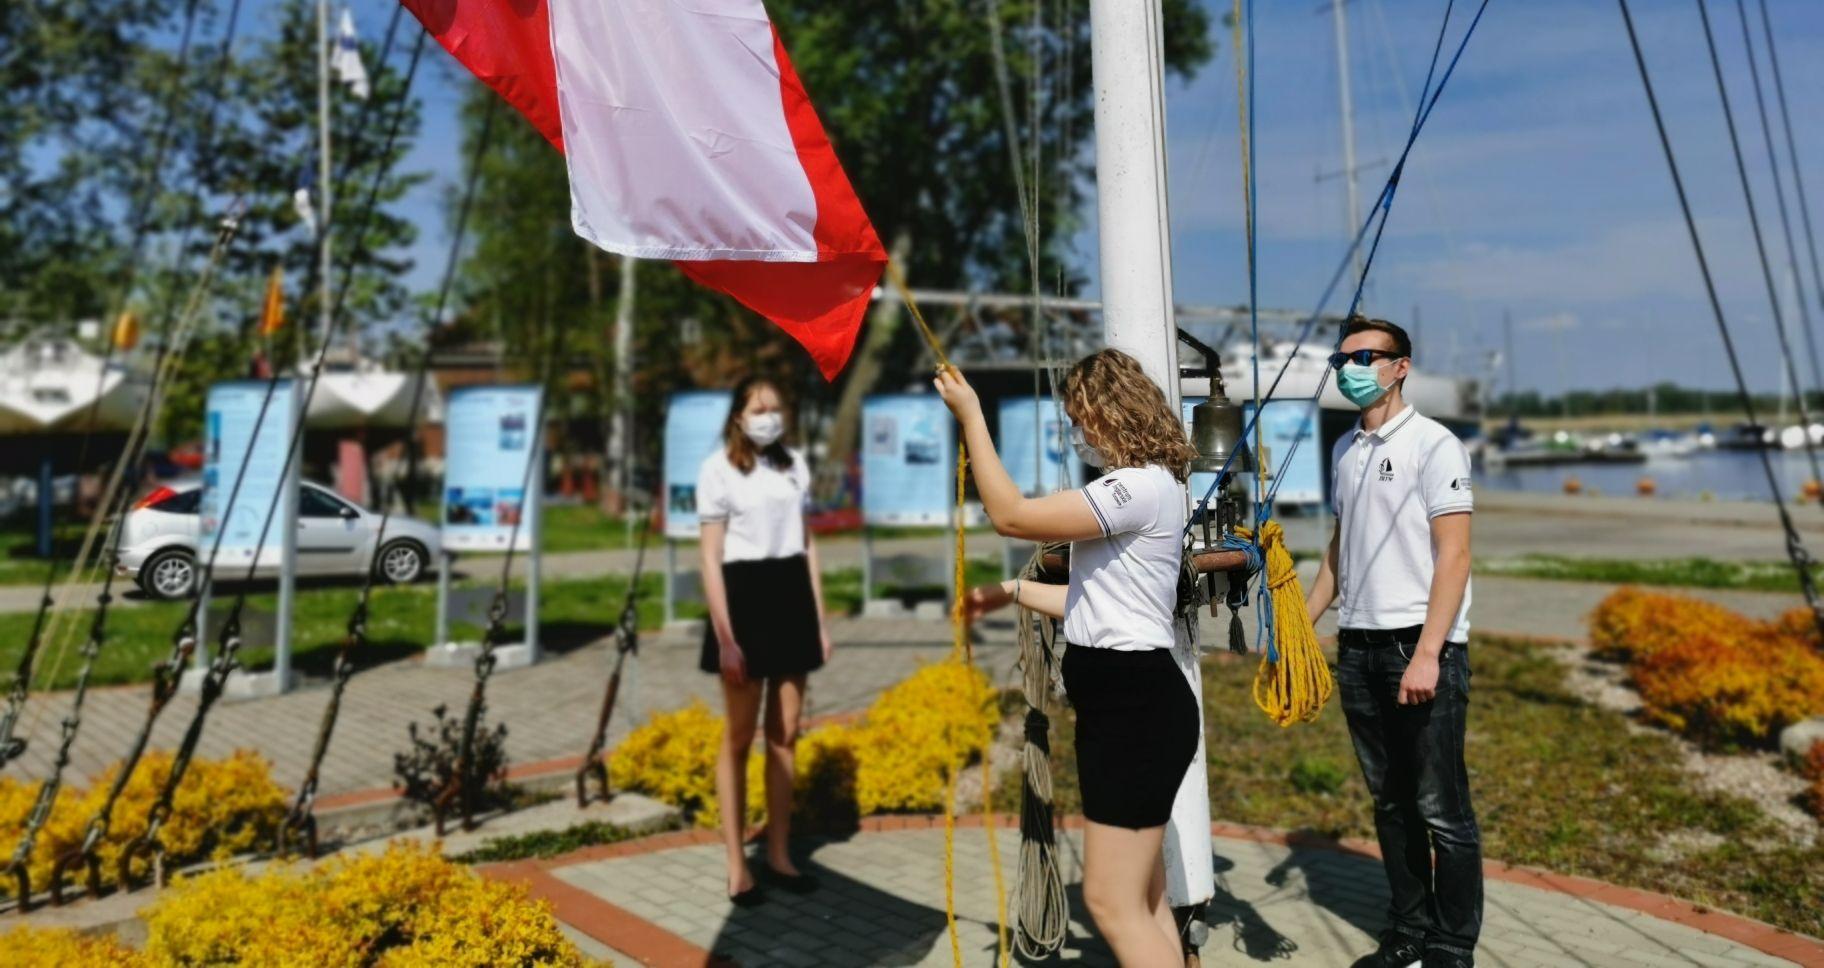 (fot. zozz.com.pl)